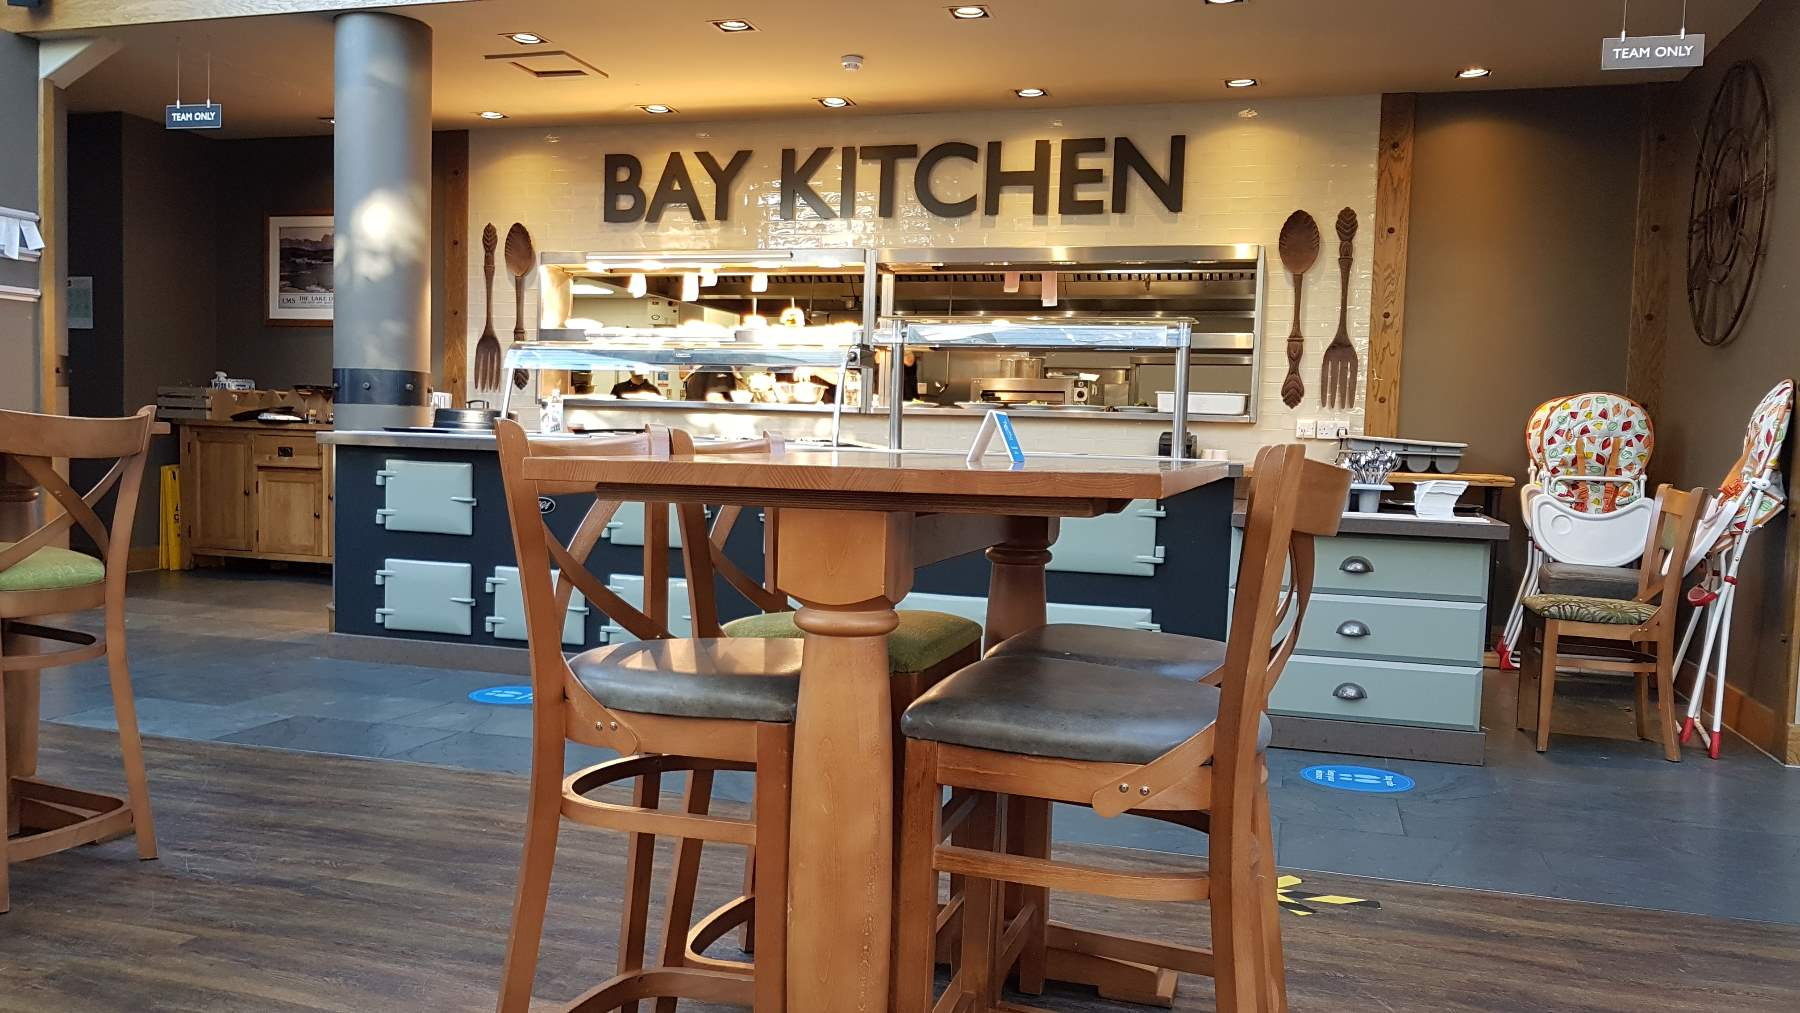 Lakeside-Bay-Kitchen